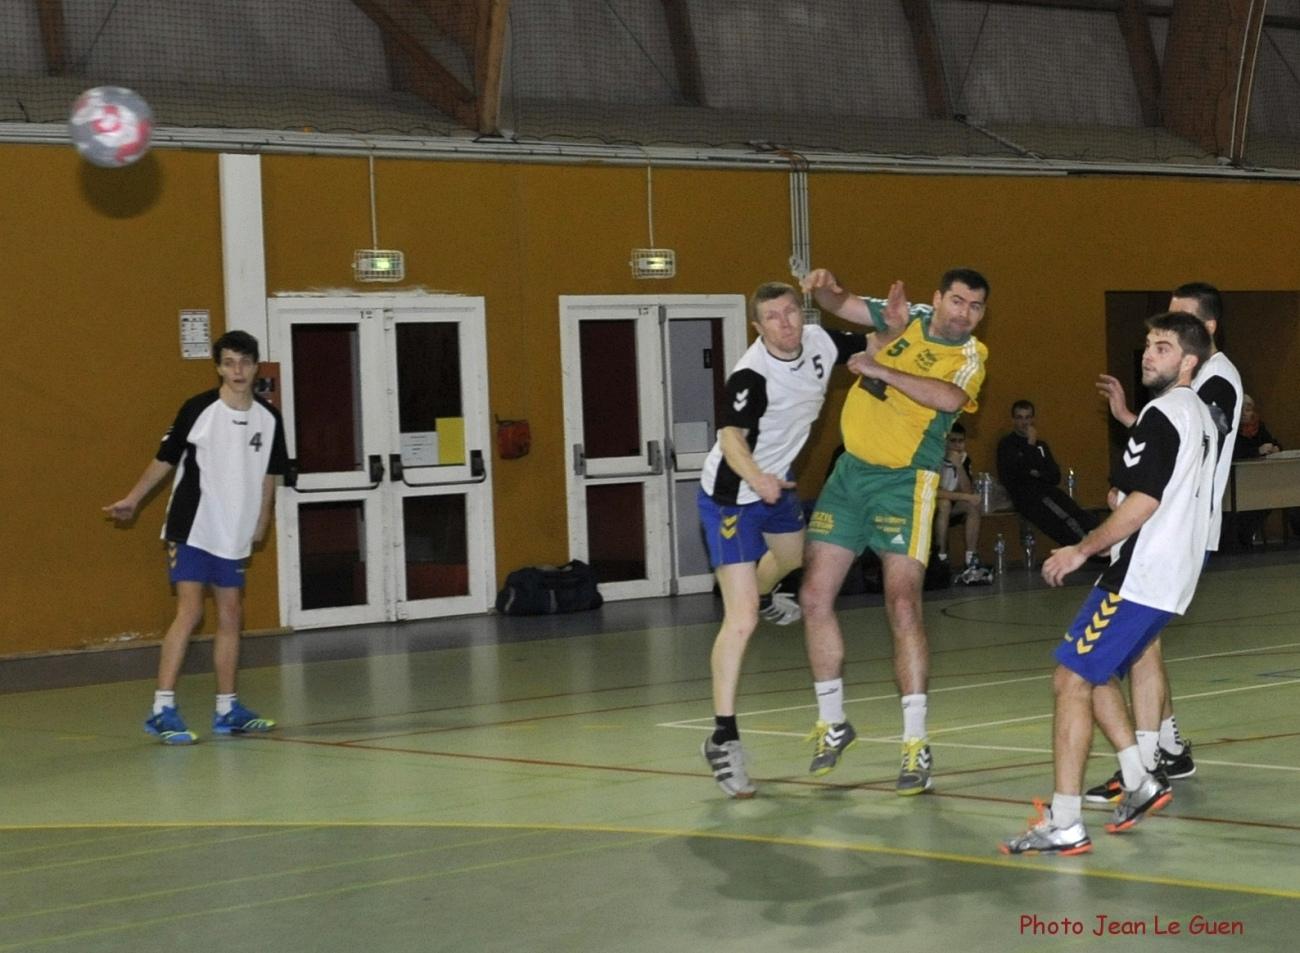 Hbcd handball club drenn cois bienvenue sur le blog du handball club drenn cois - Coupe de bretagne seniors ...